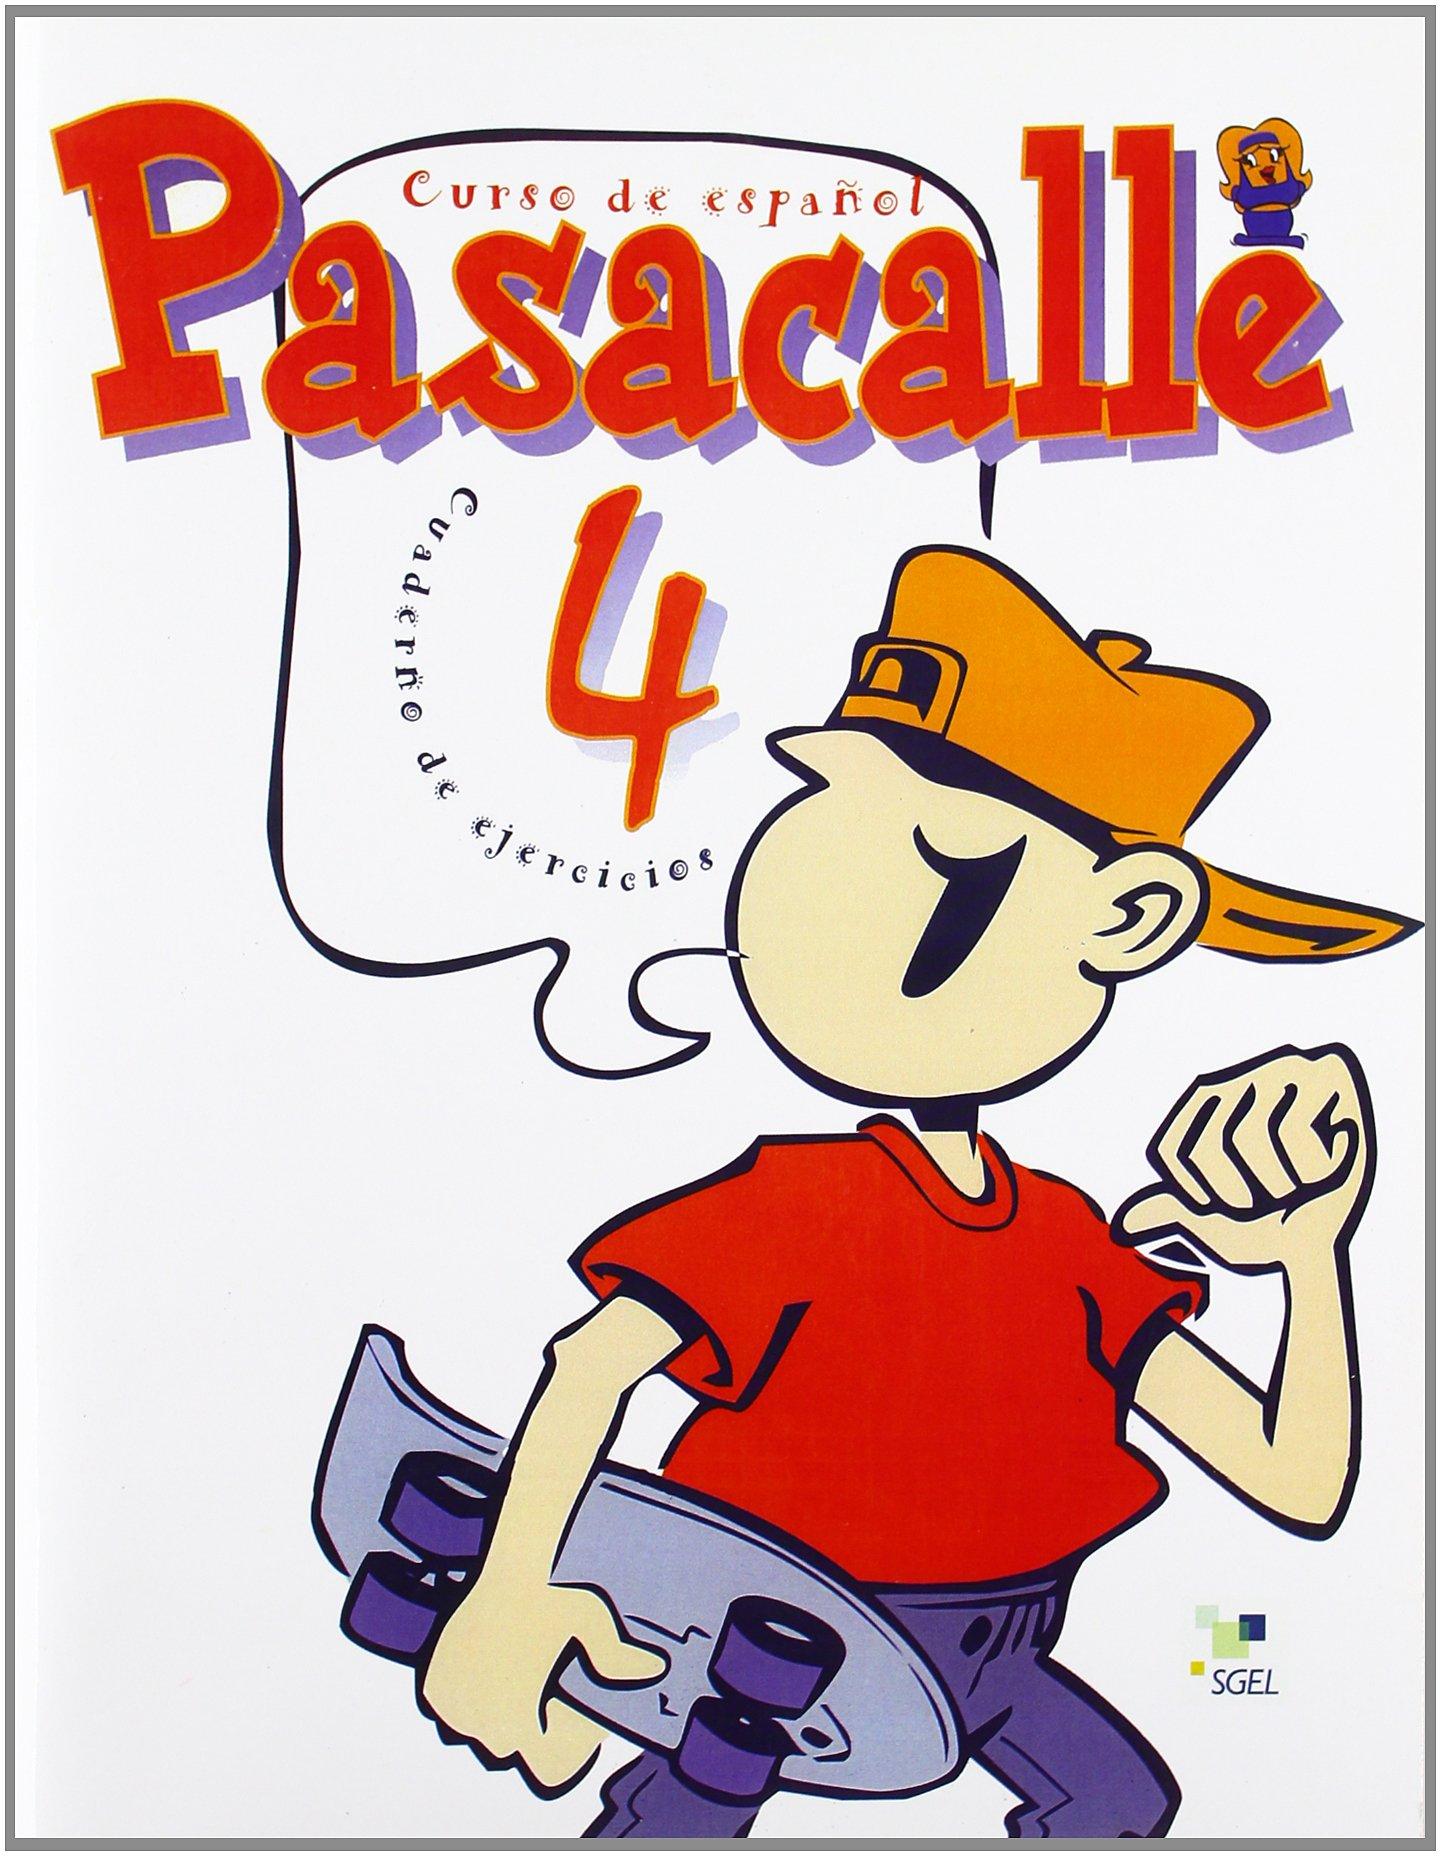 Download Pasacalle. Curso de espanol para ninos. 4 ejercicios (Spanish Edition) PDF